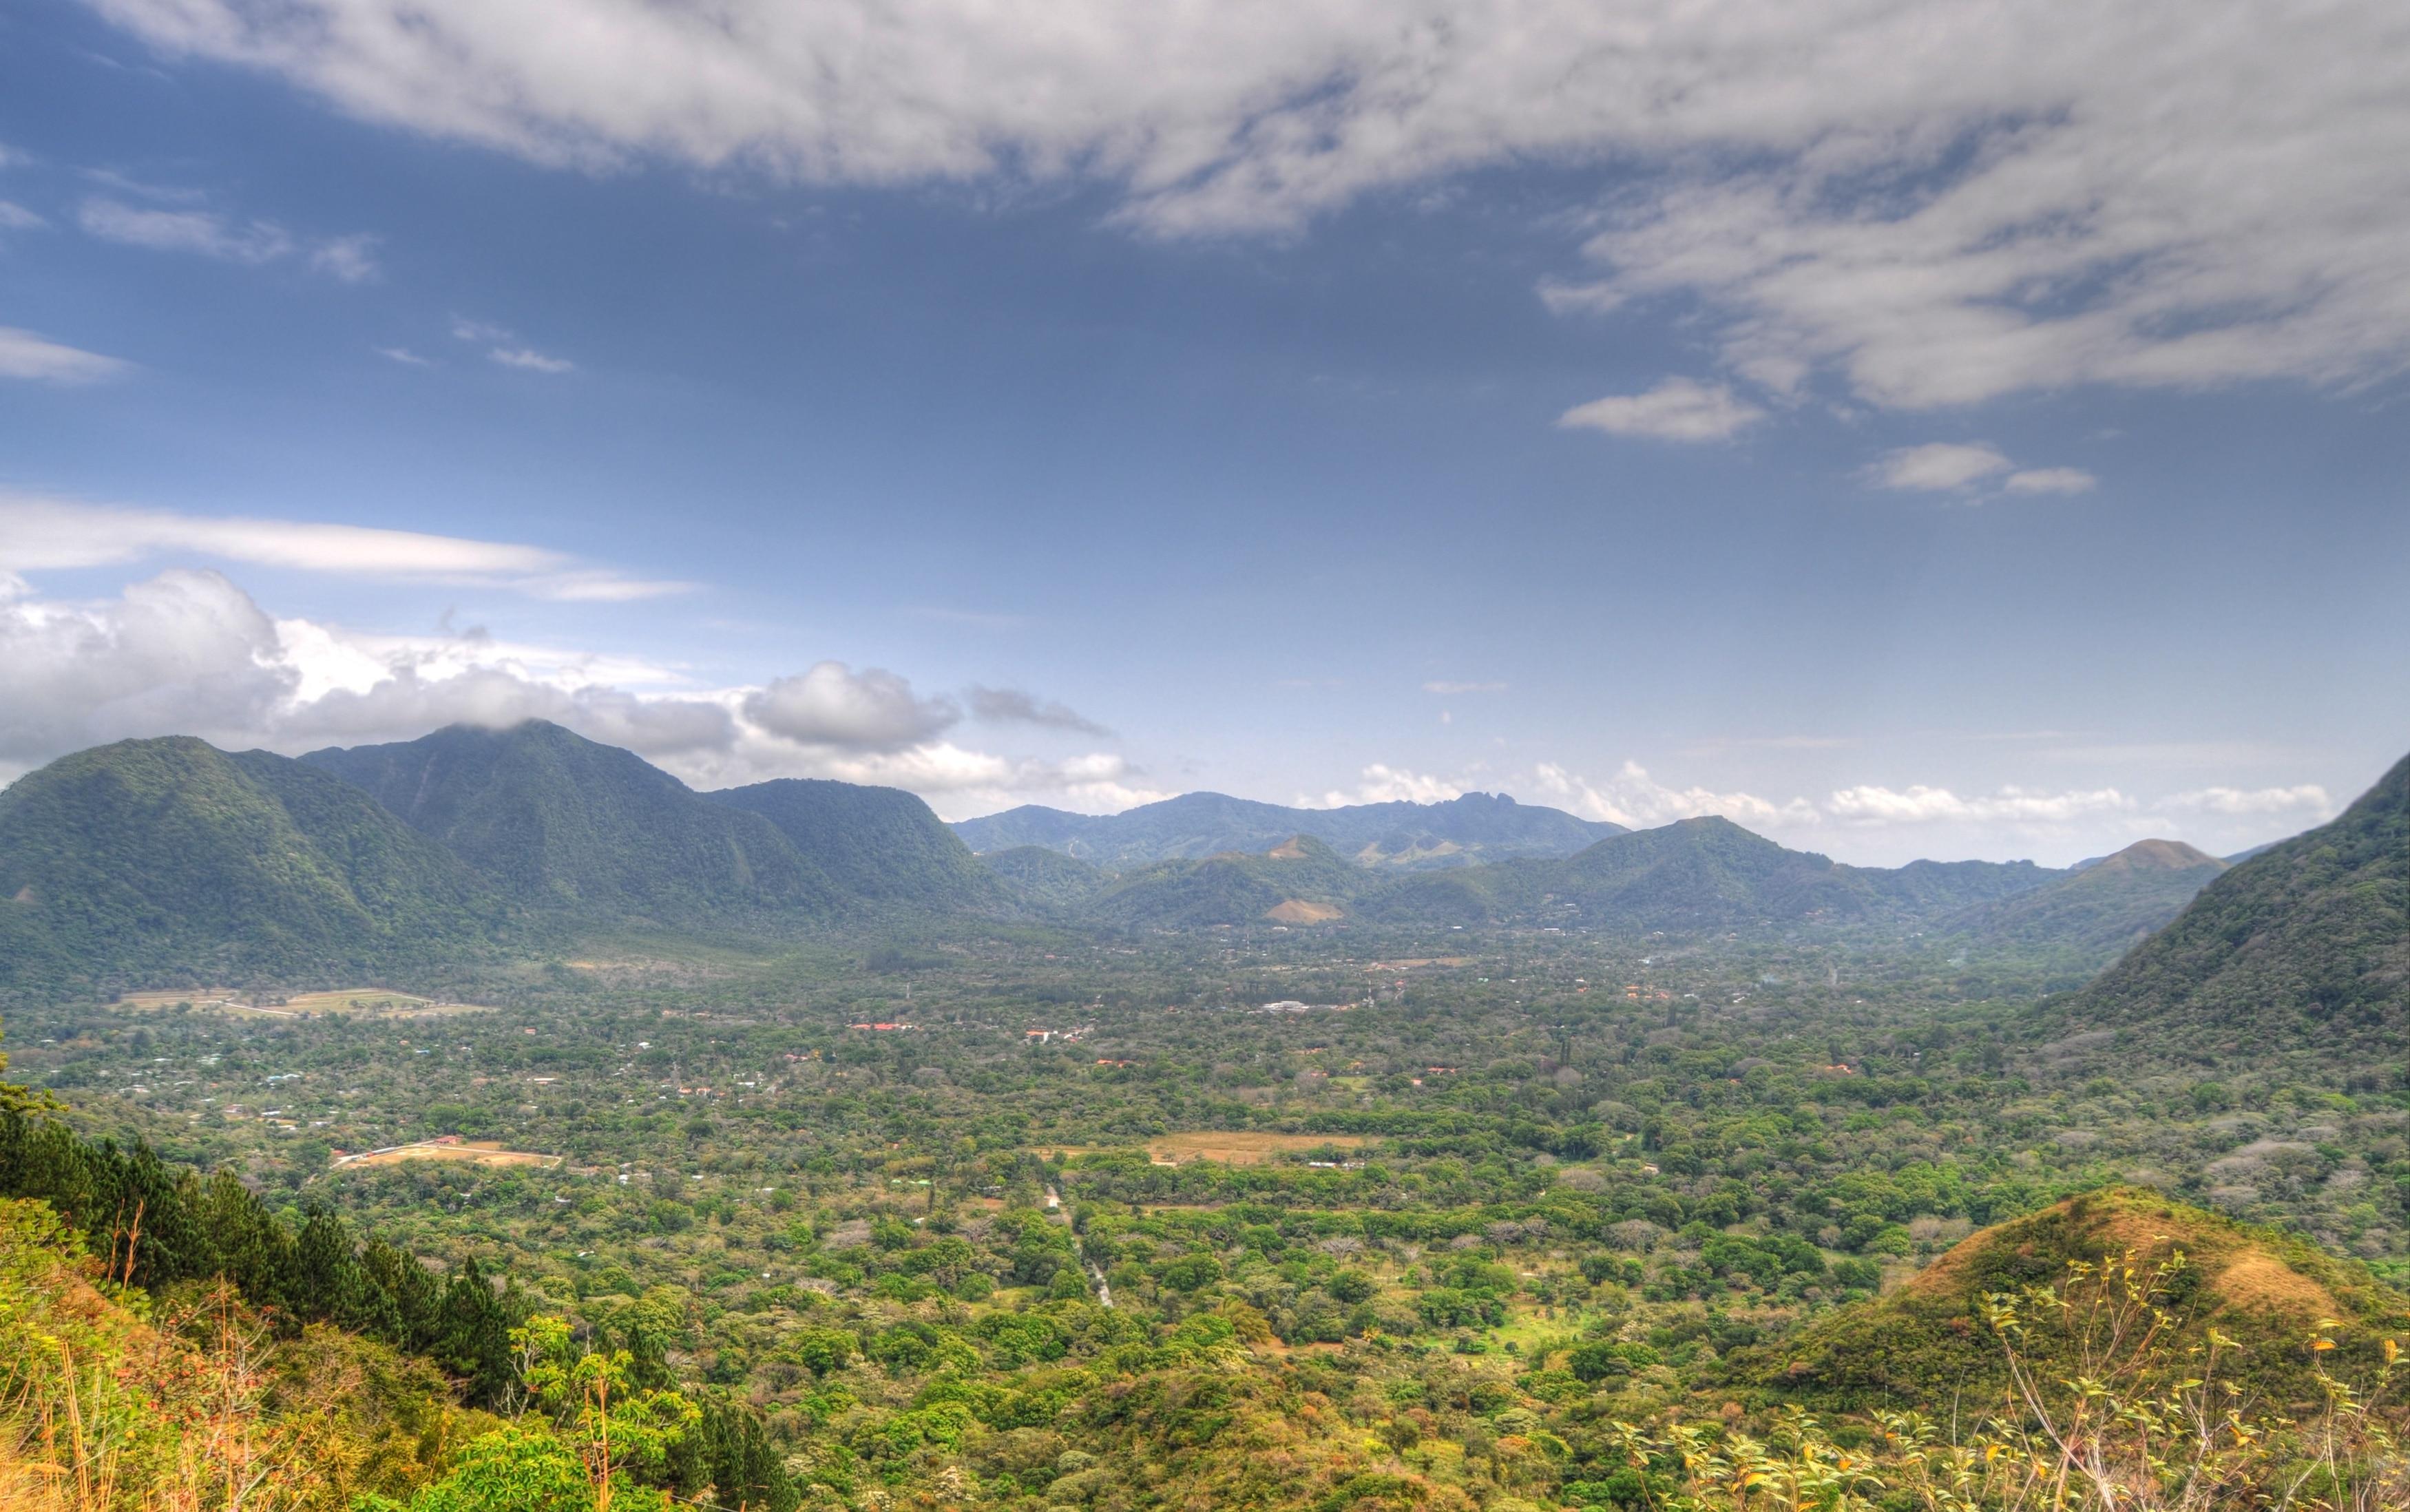 El Valle de Anton, Cocle, Panama